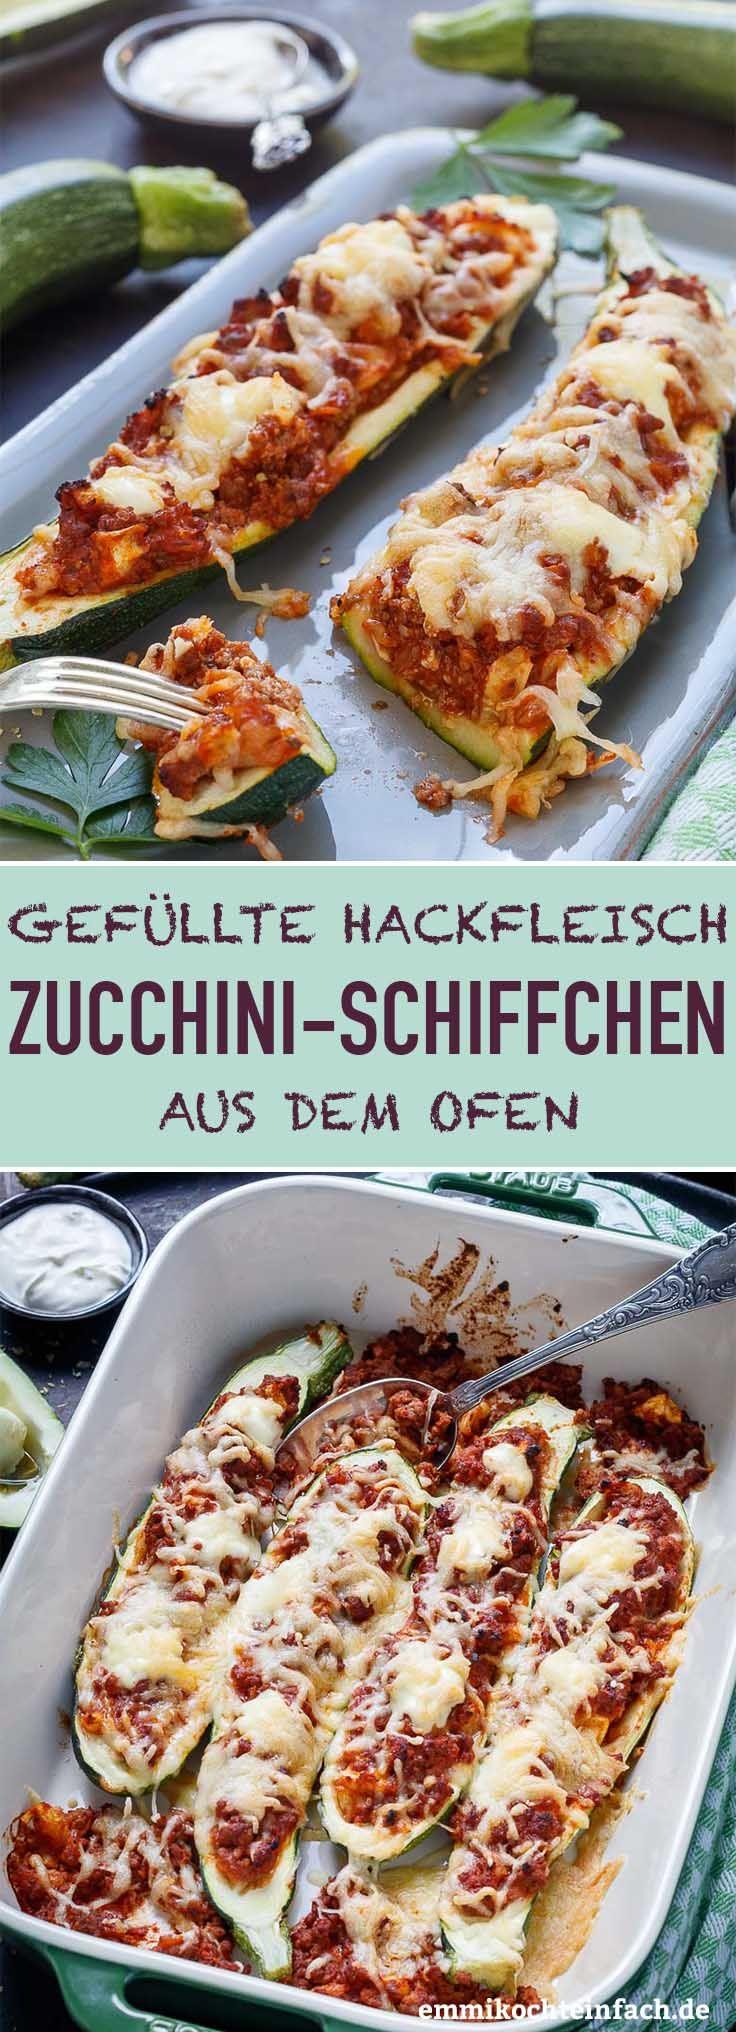 Photo of Gefüllte Zucchini Schiffchen mit Hackfleisch – emmikochteinfach